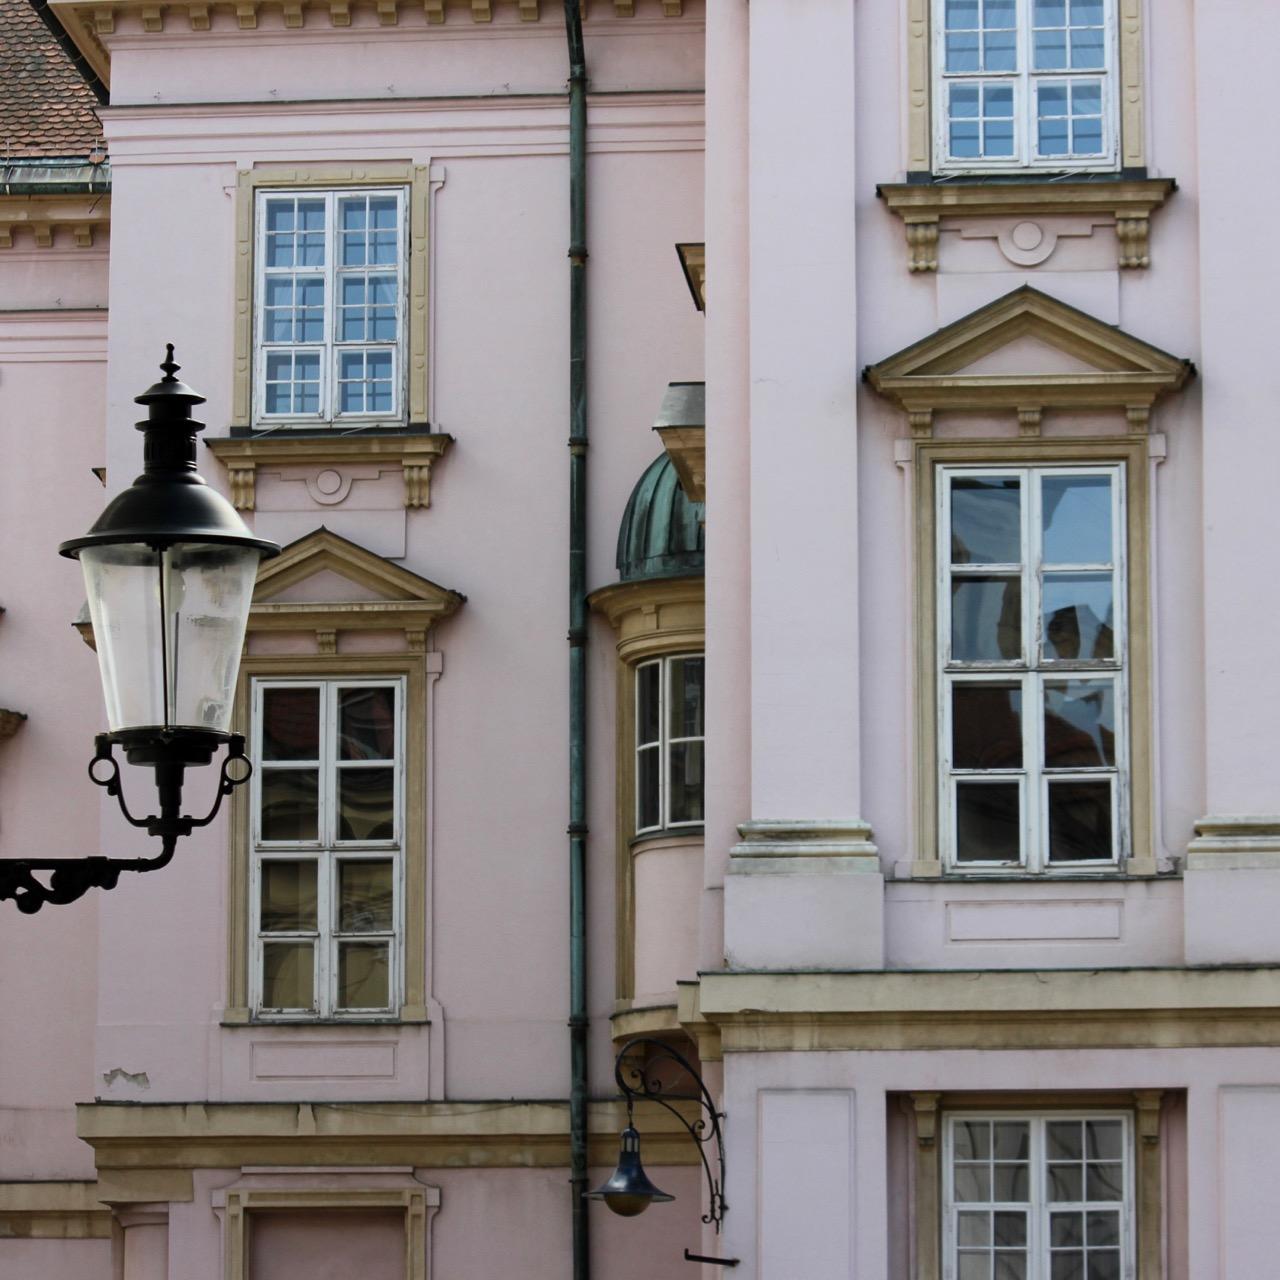 Bratislava, Slovakia - 12